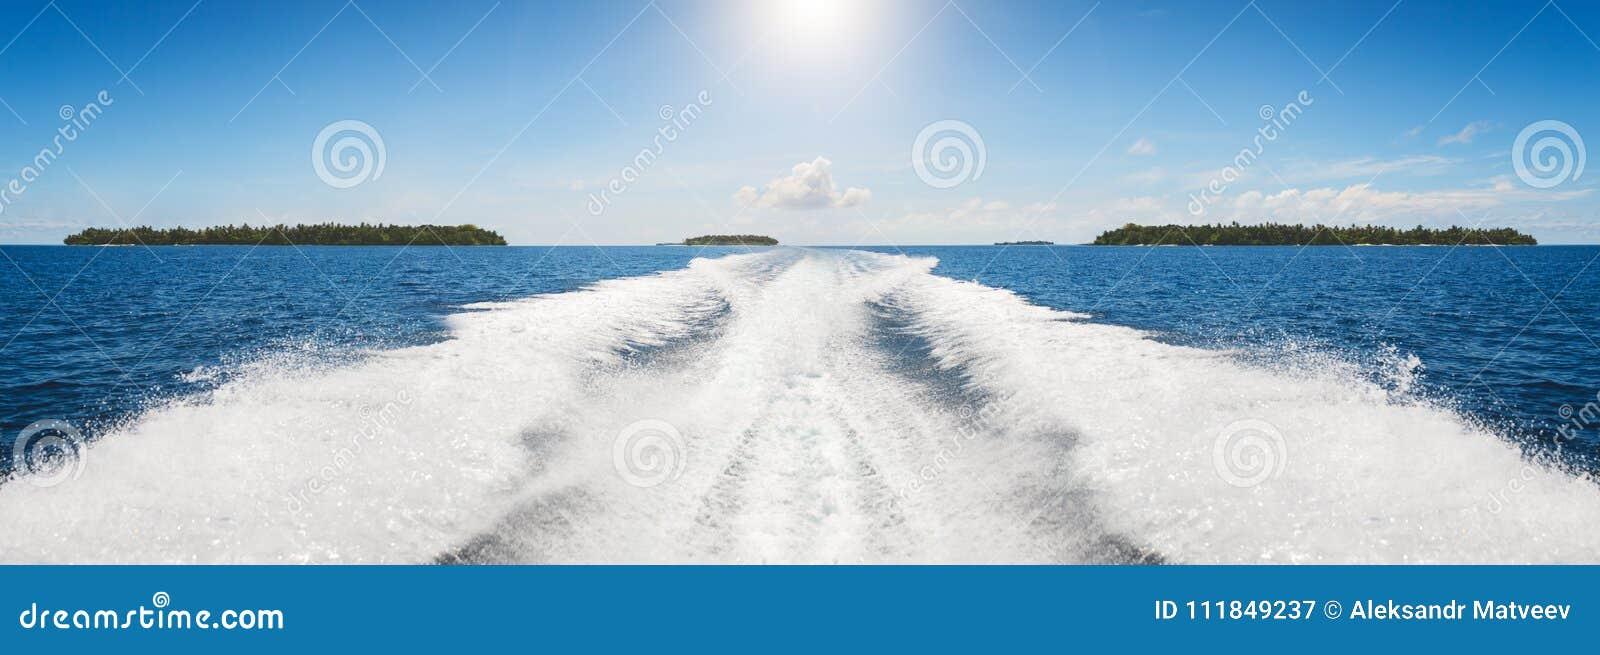 Superfície da água do fundo atrás do barco de motor movente rápido no estilo retro do vintage